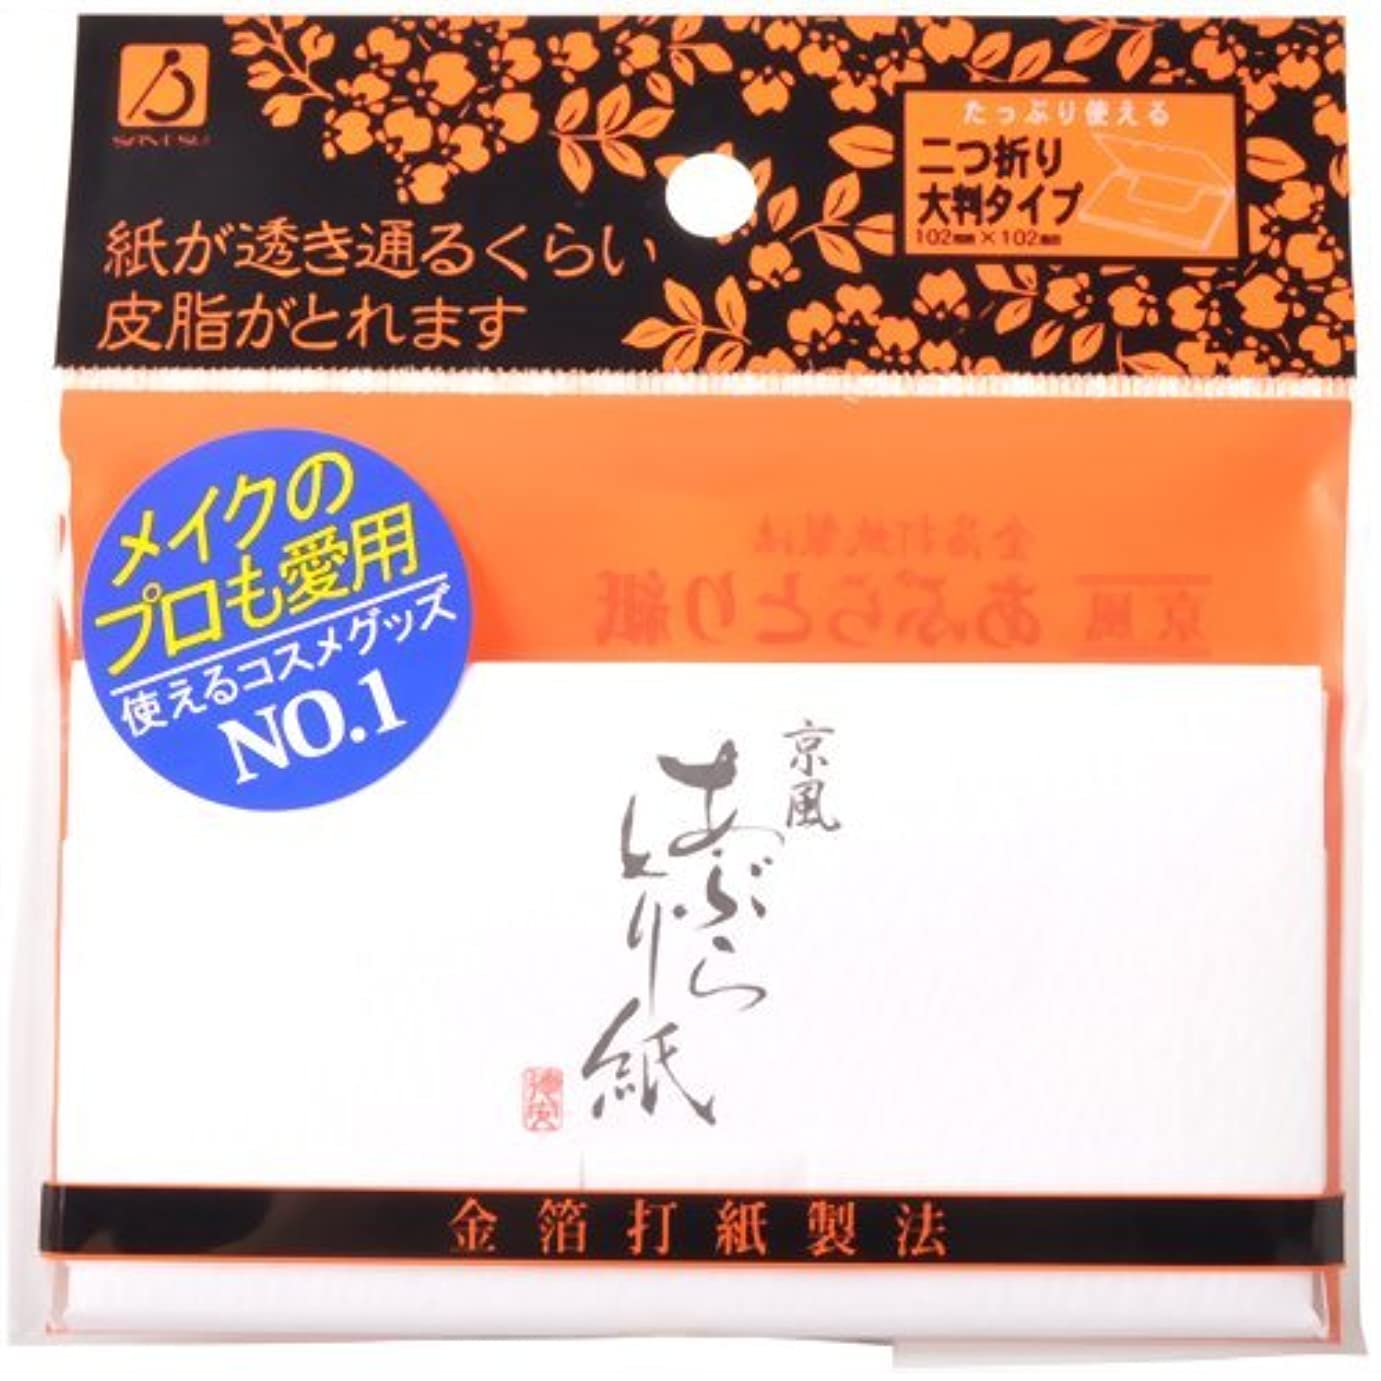 教会アッティカス図書館FP-400 京風アブラトリガミ 大判 30枚